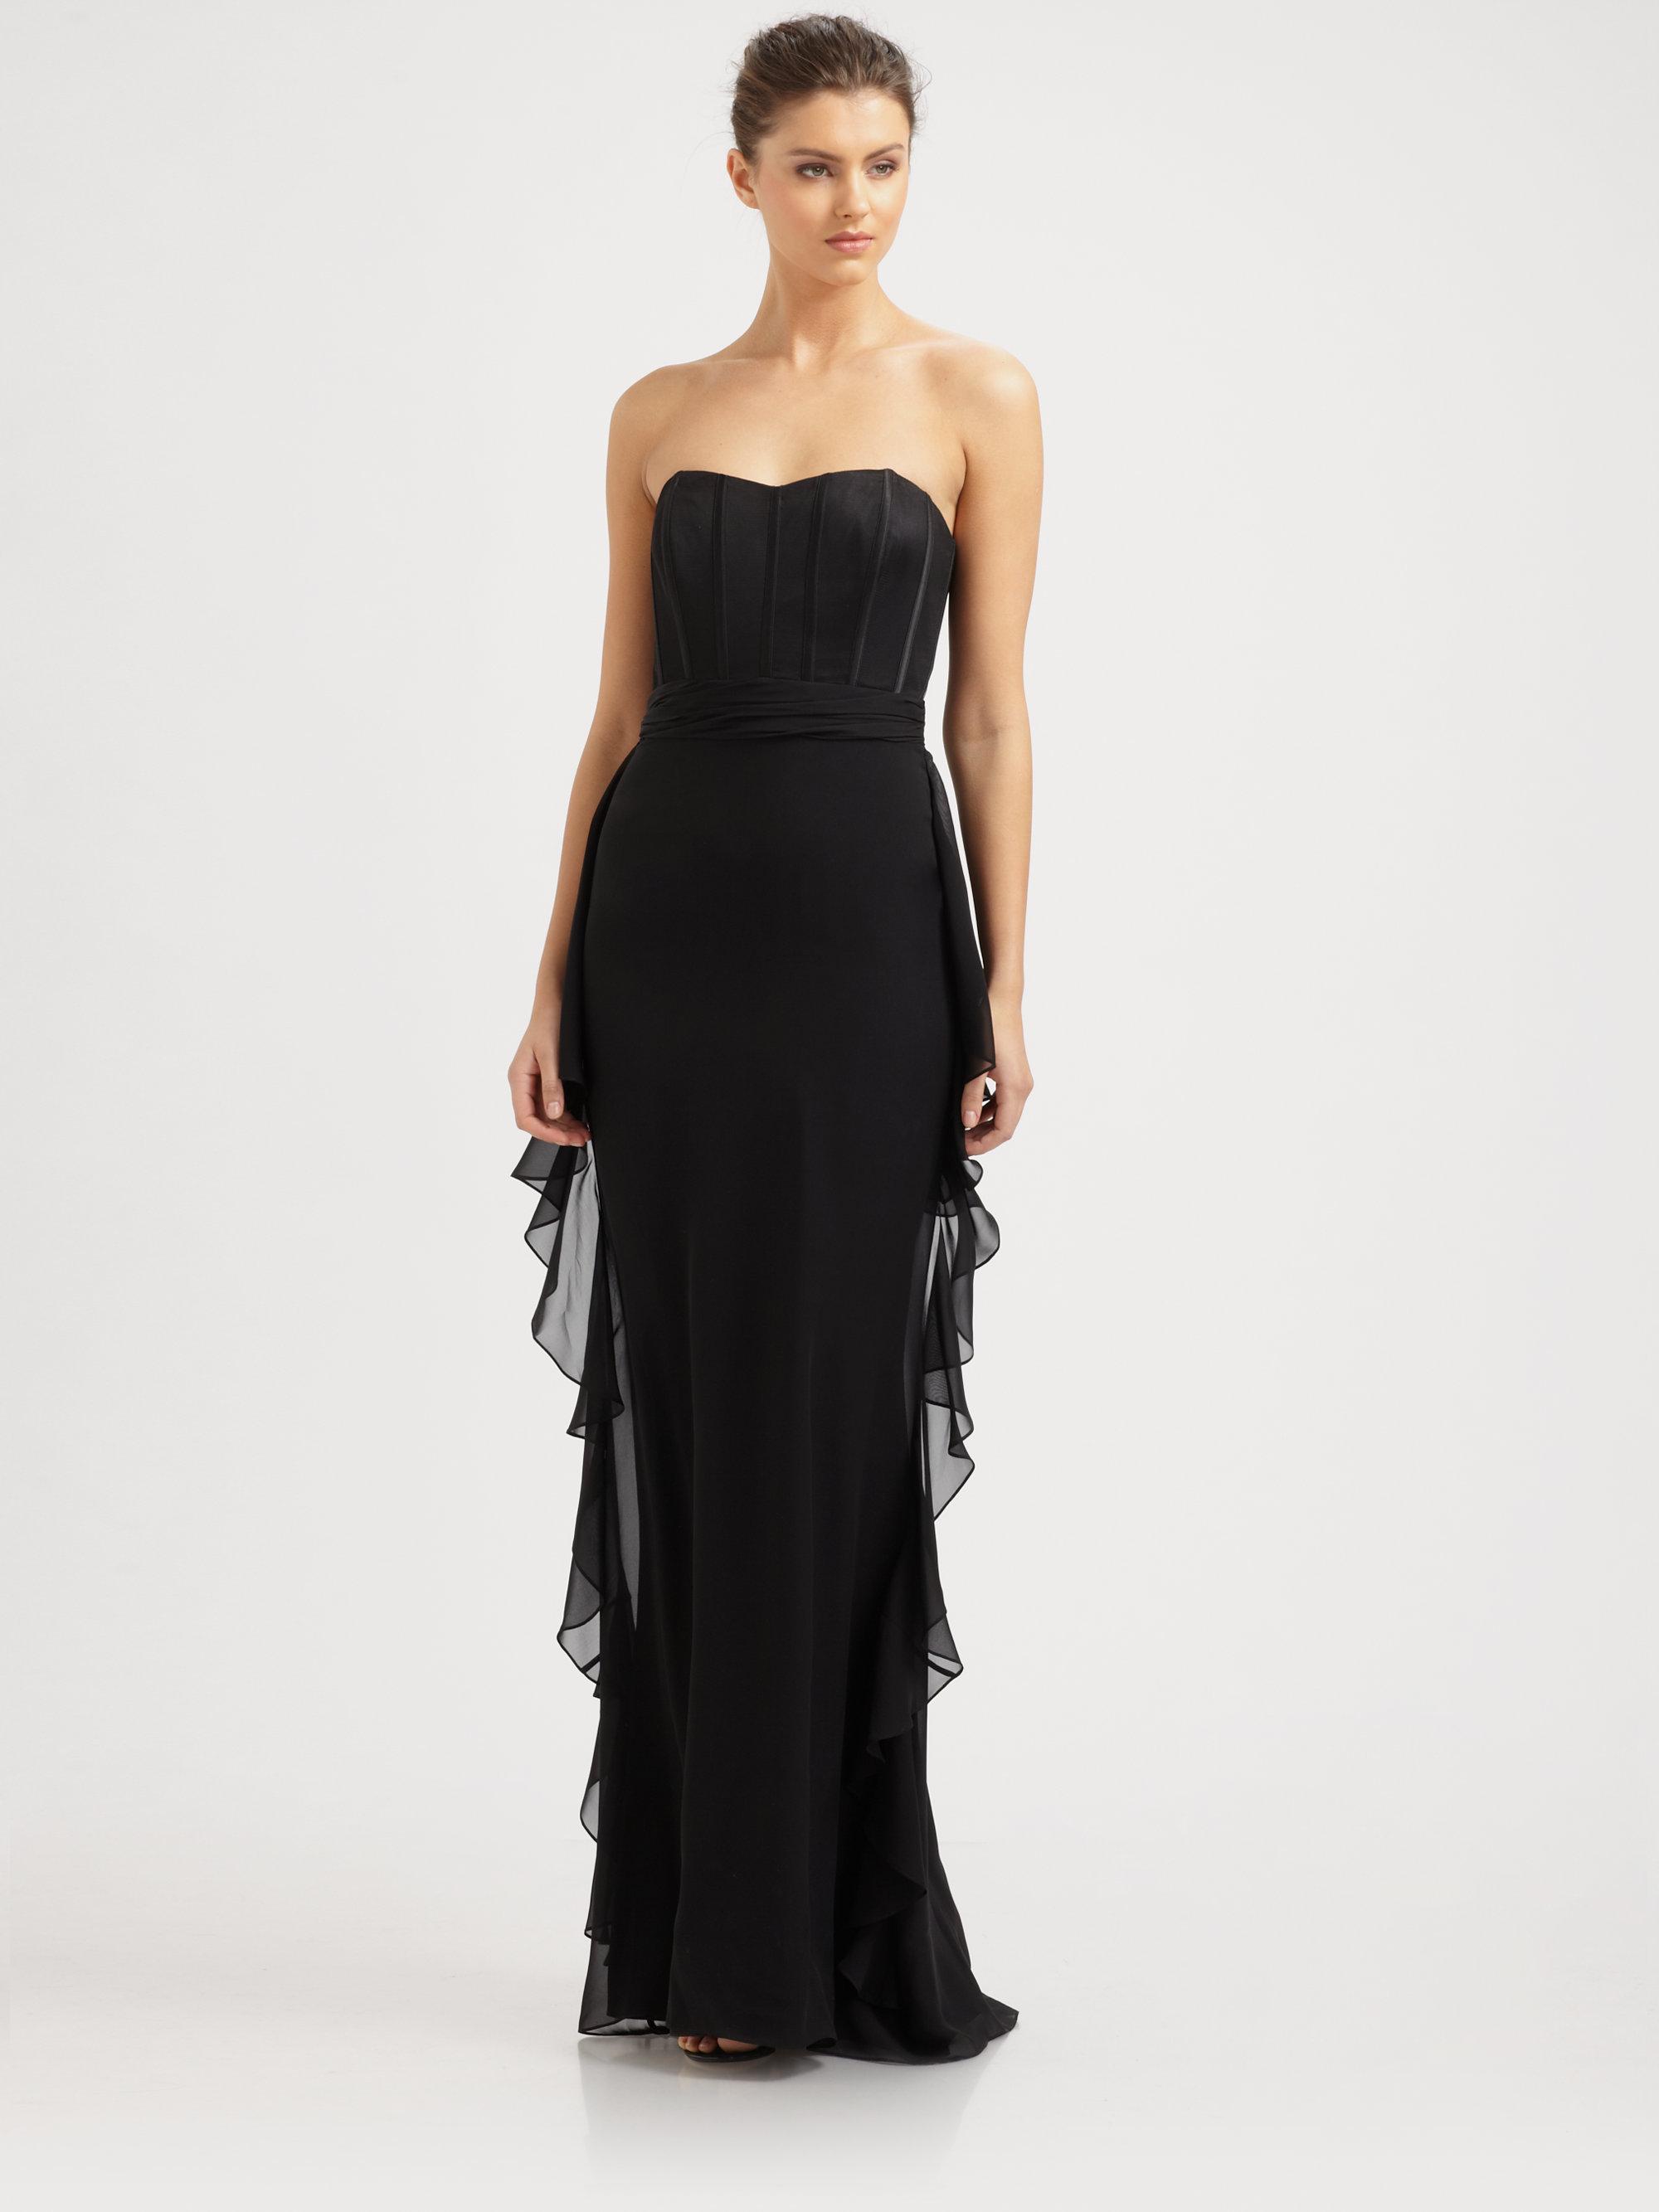 Badgley Mischka Strapless Silk Bustier Gown in Black | Lyst